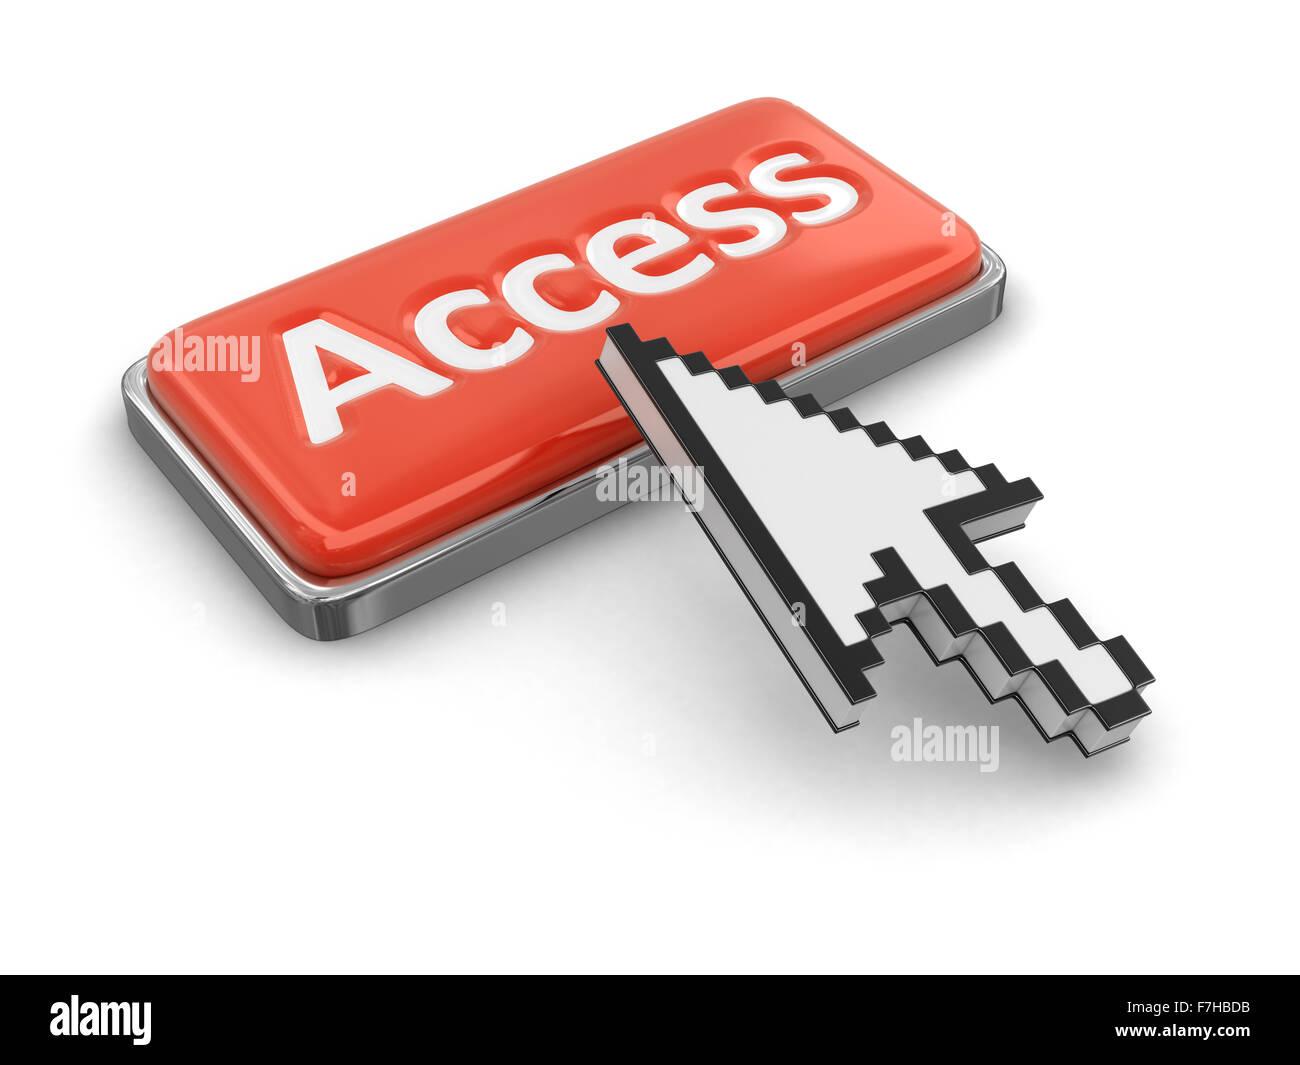 El cursor y el botón Acceso. Imagen con trazado de recorte Imagen De Stock